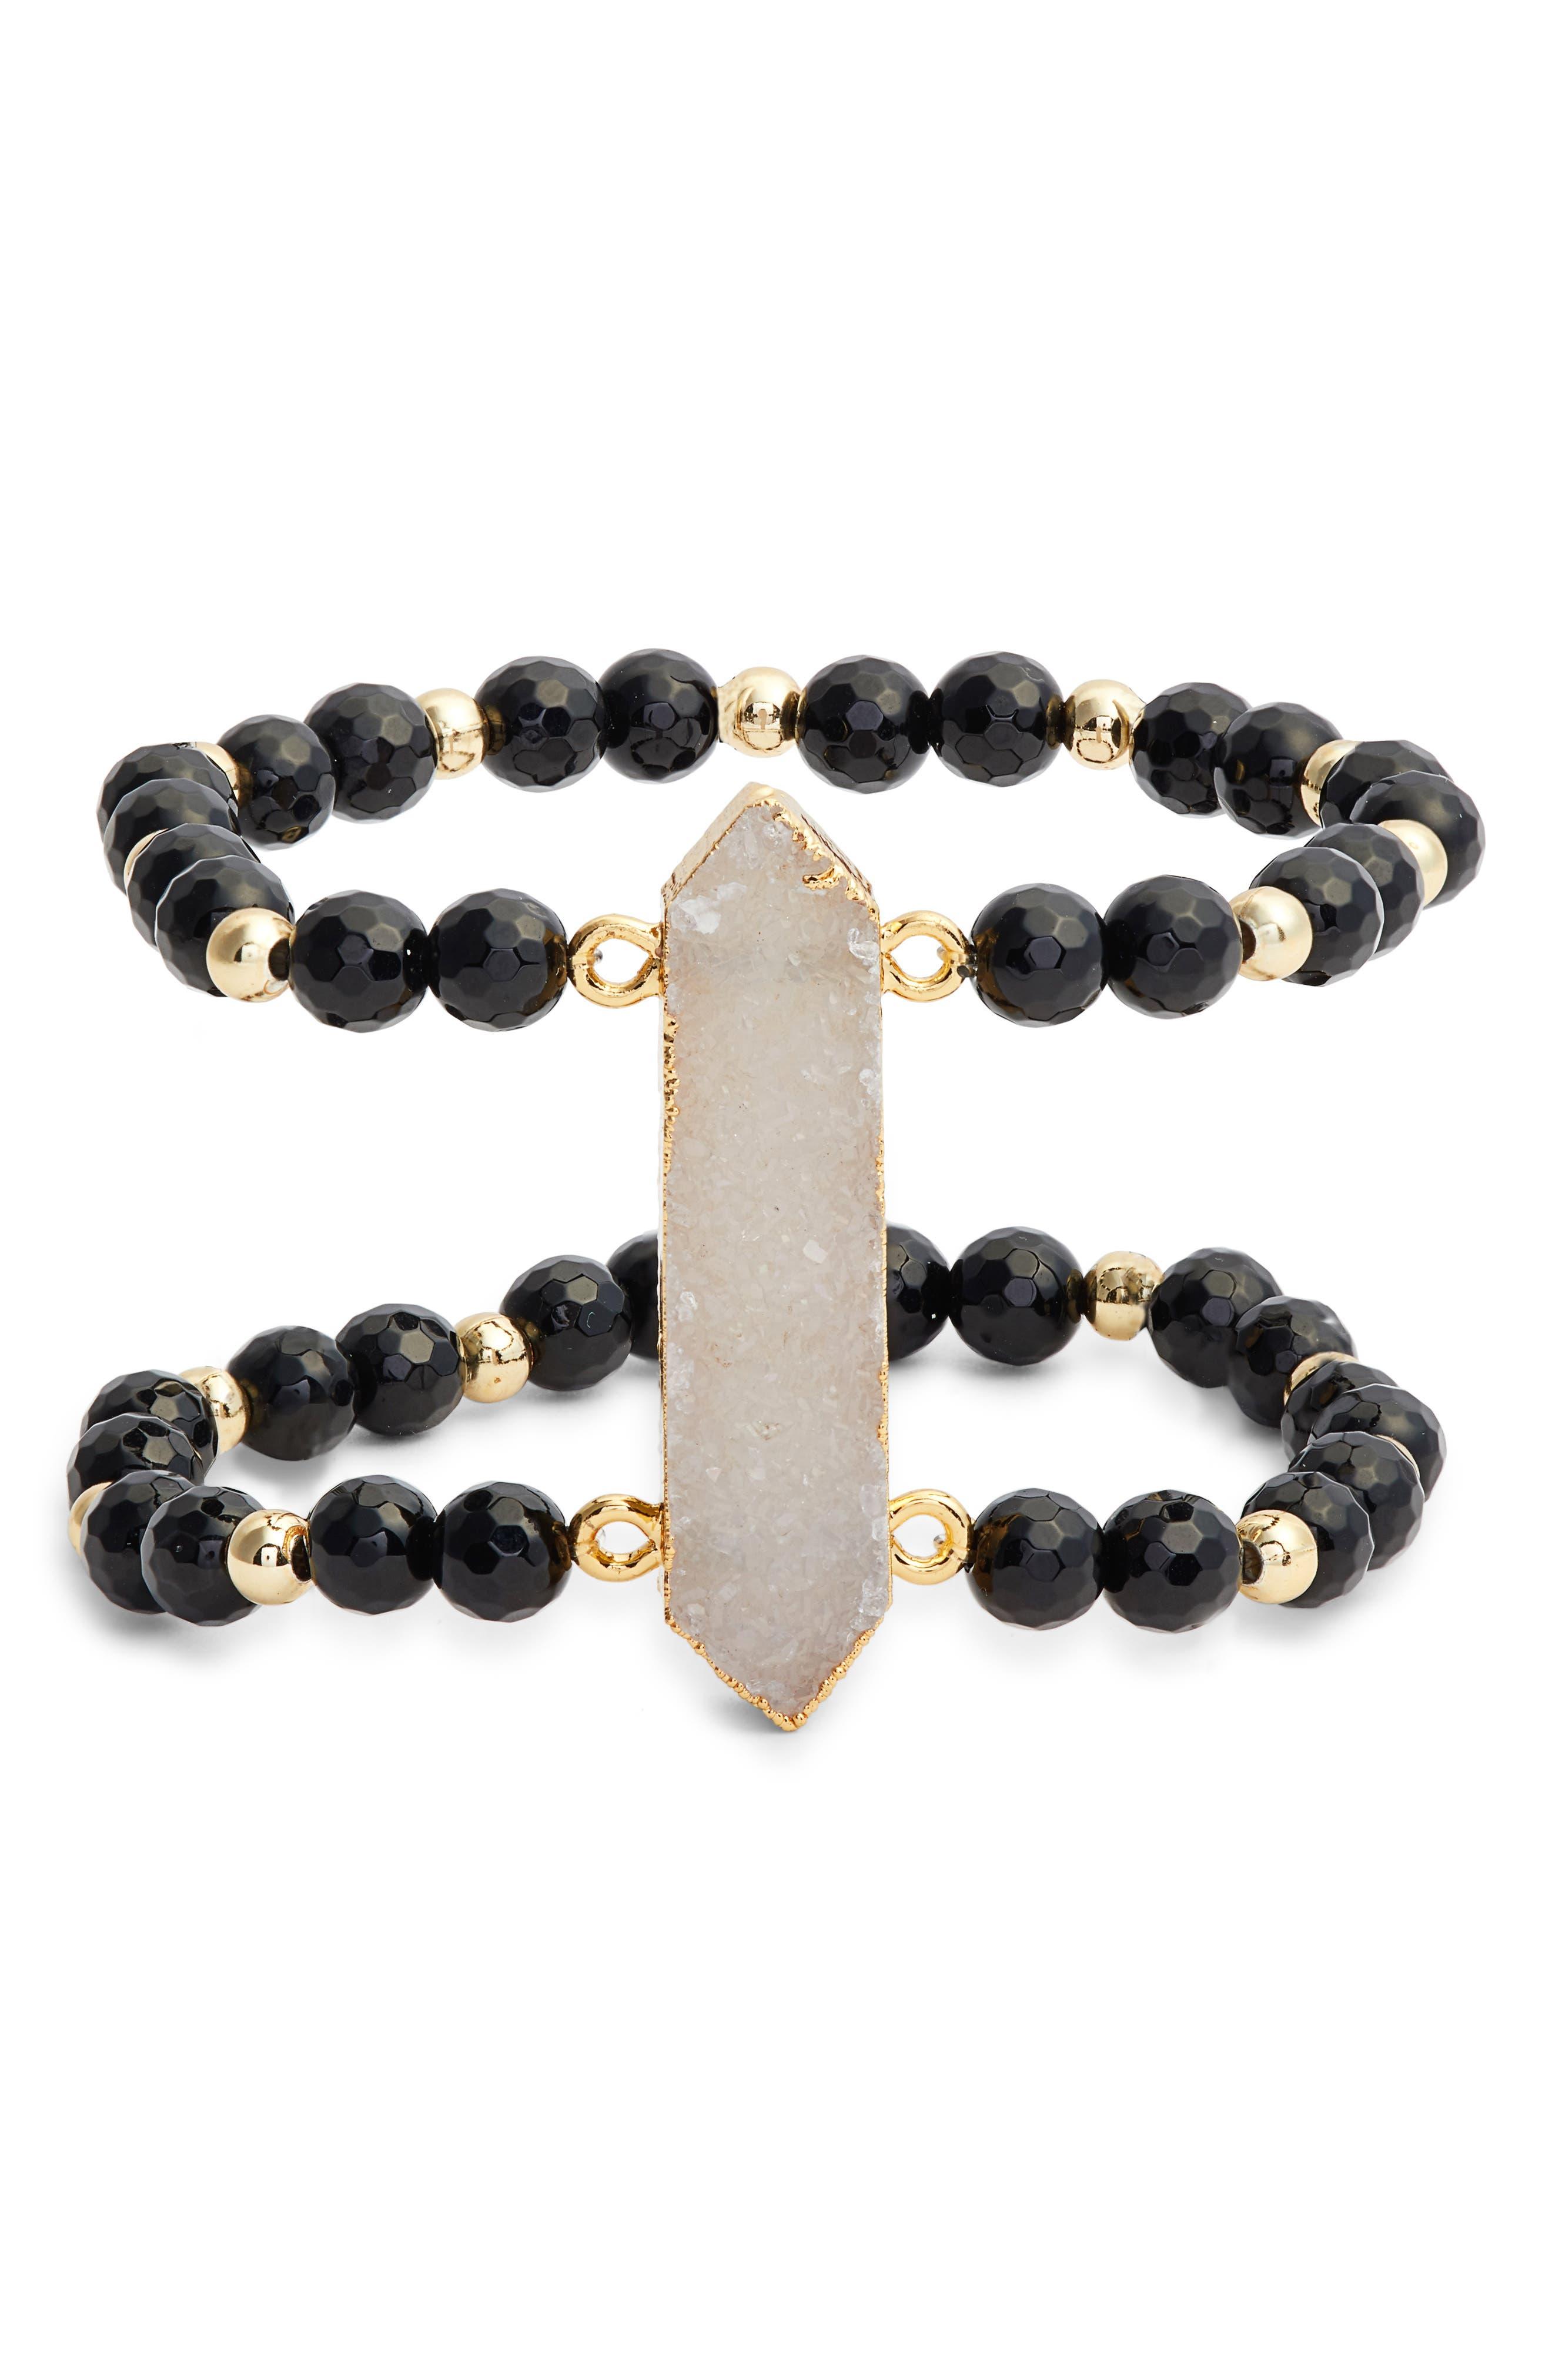 Candice Double Stretch Bracelet,                         Main,                         color, Black